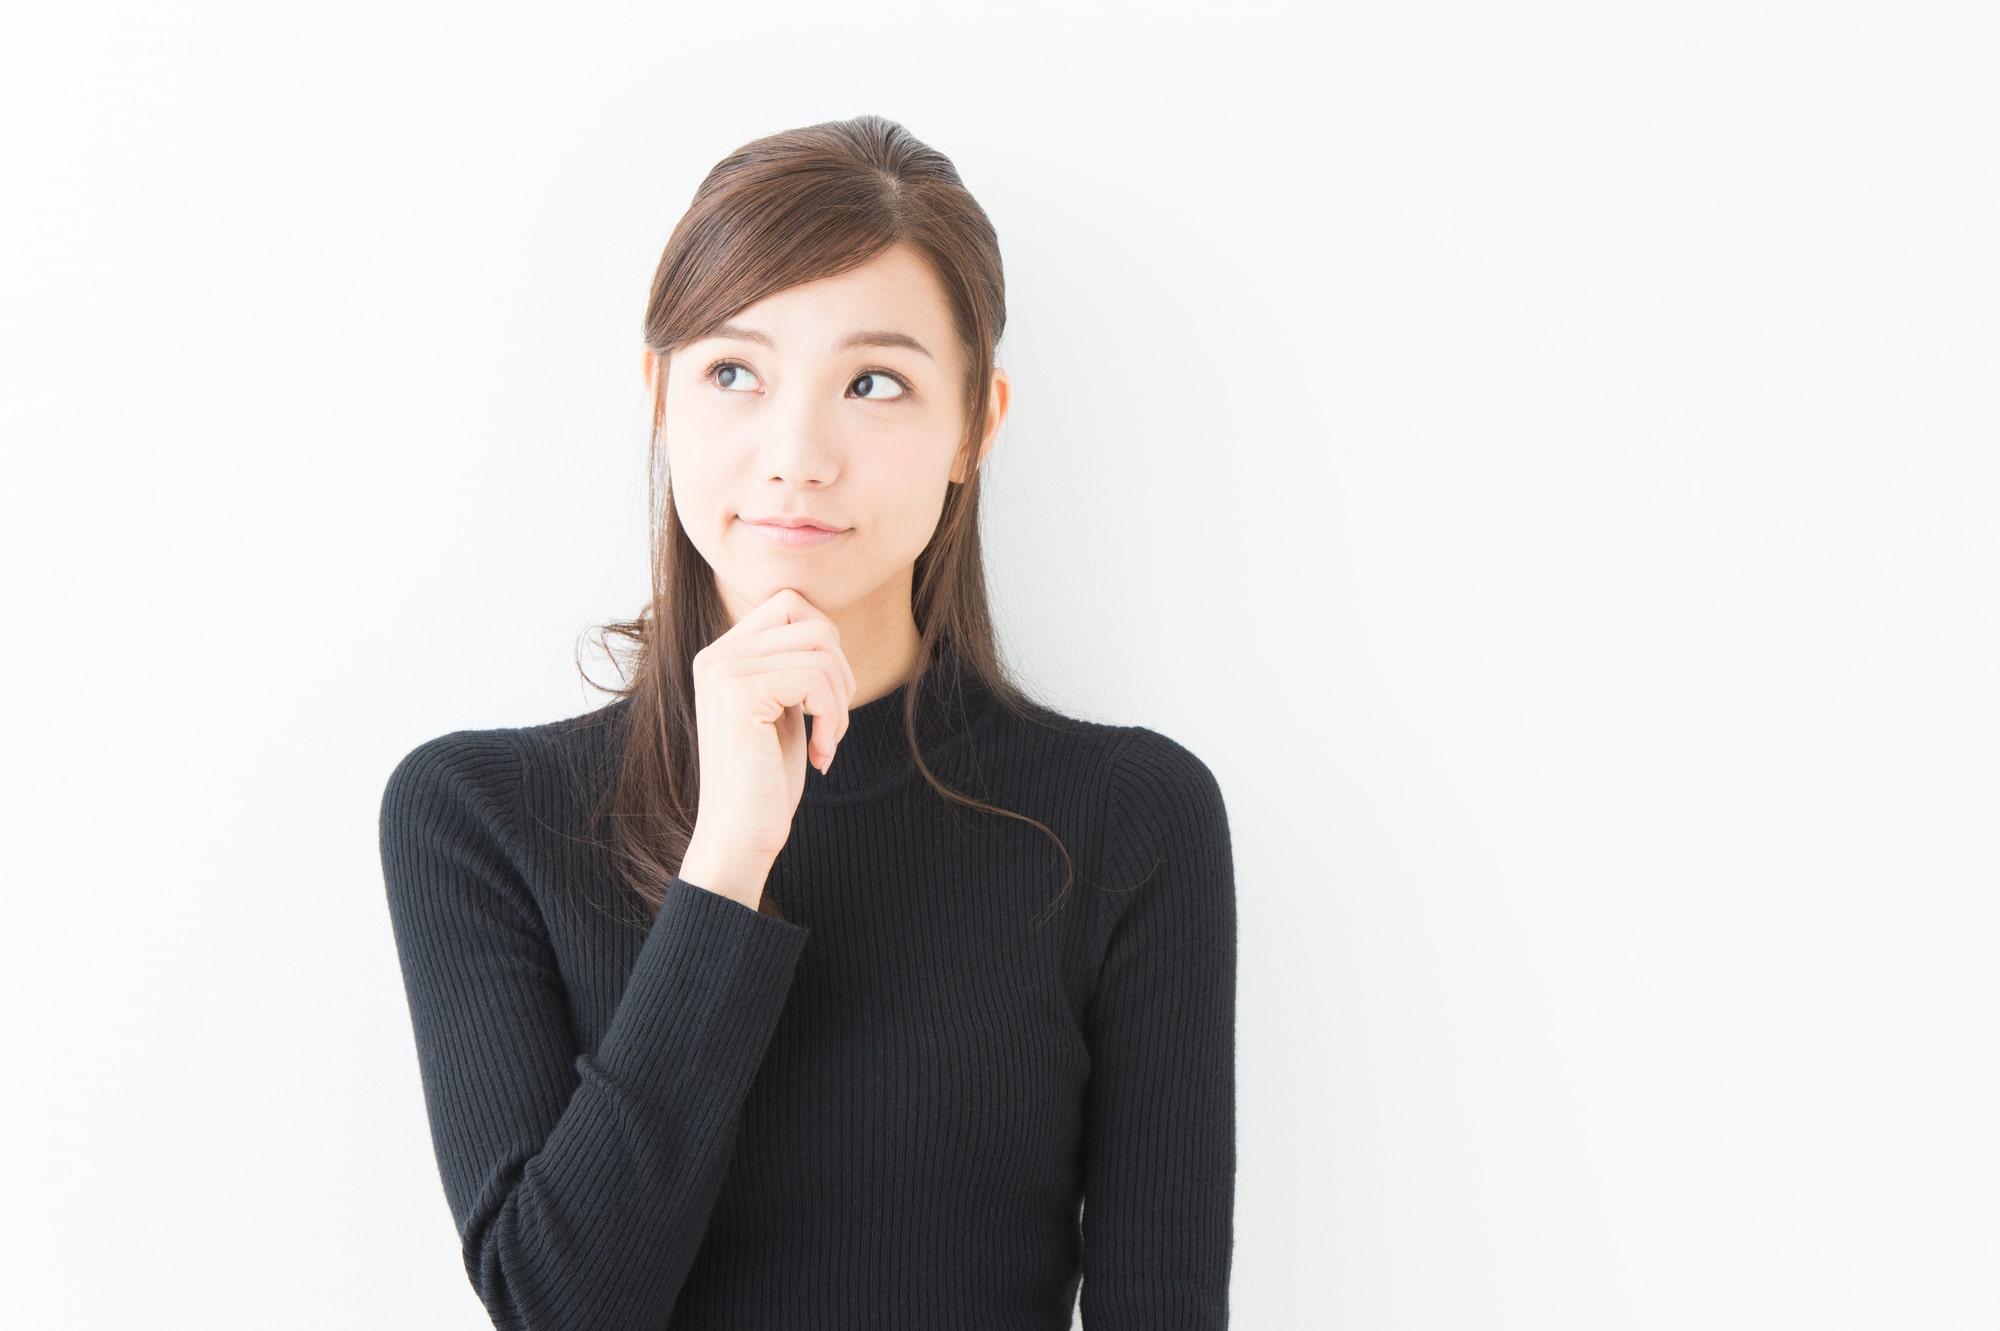 美容師の面接で「質問はありますか」と逆質問をされたら?